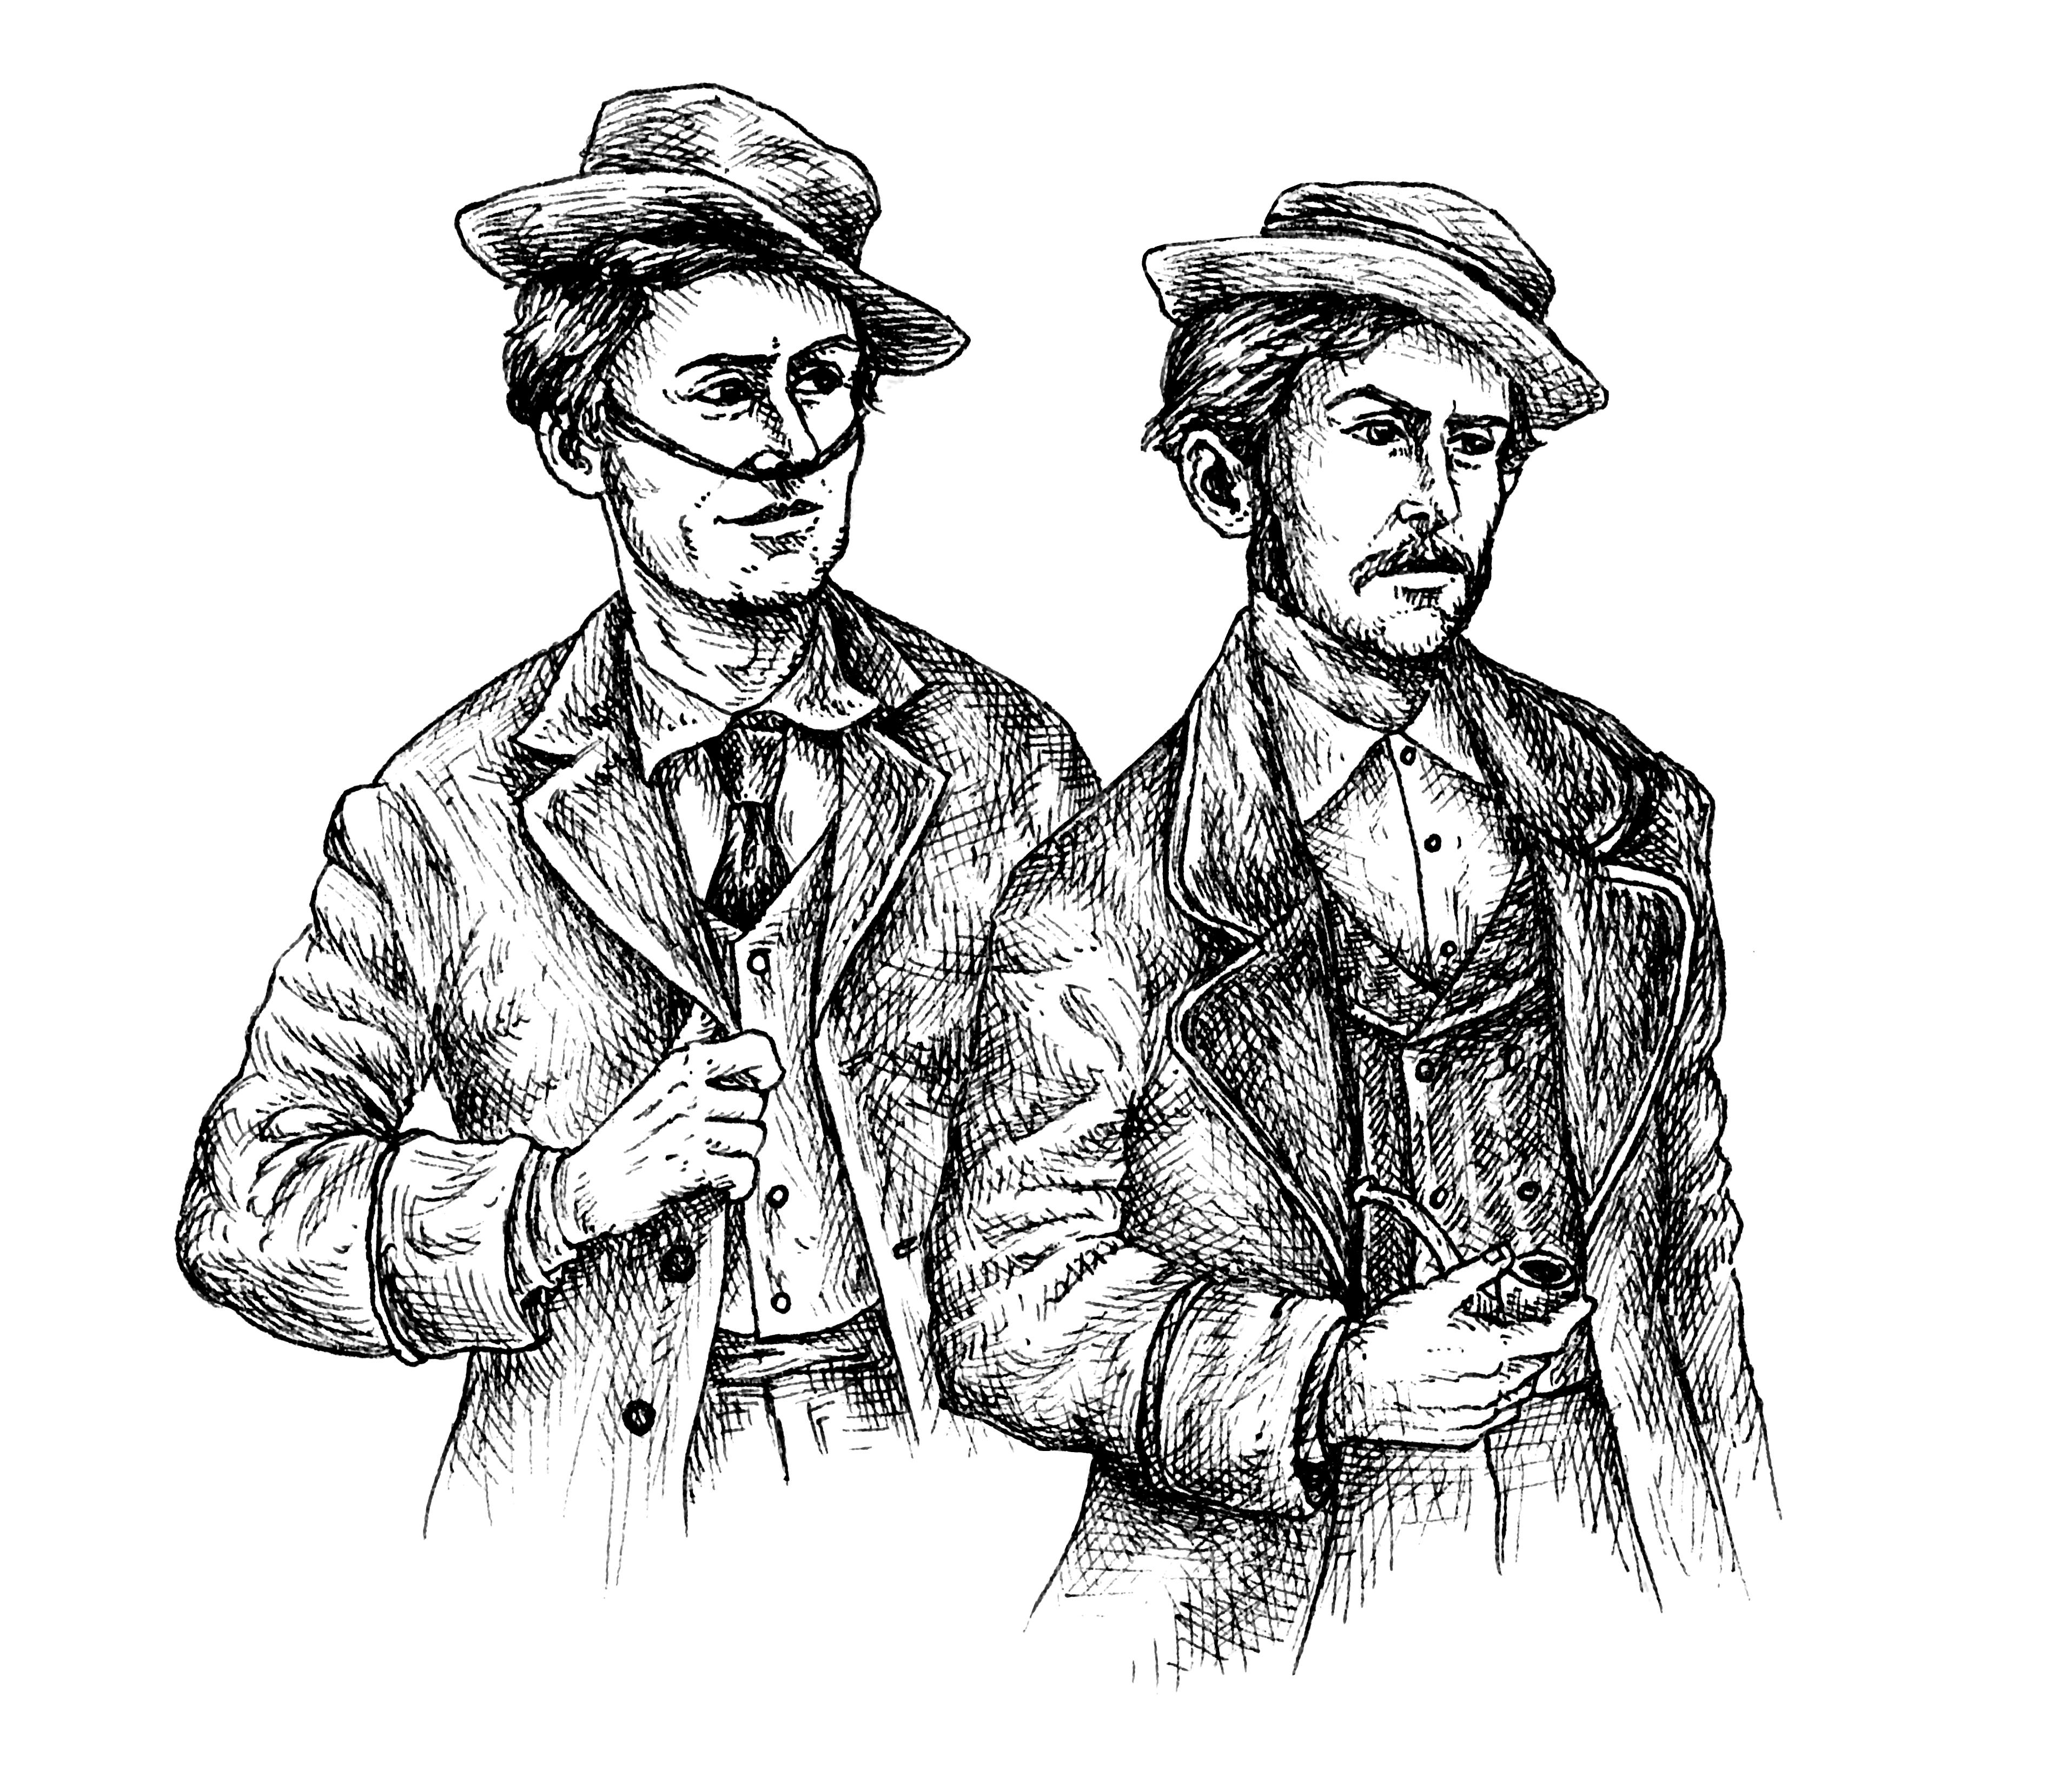 Aaron and Joe